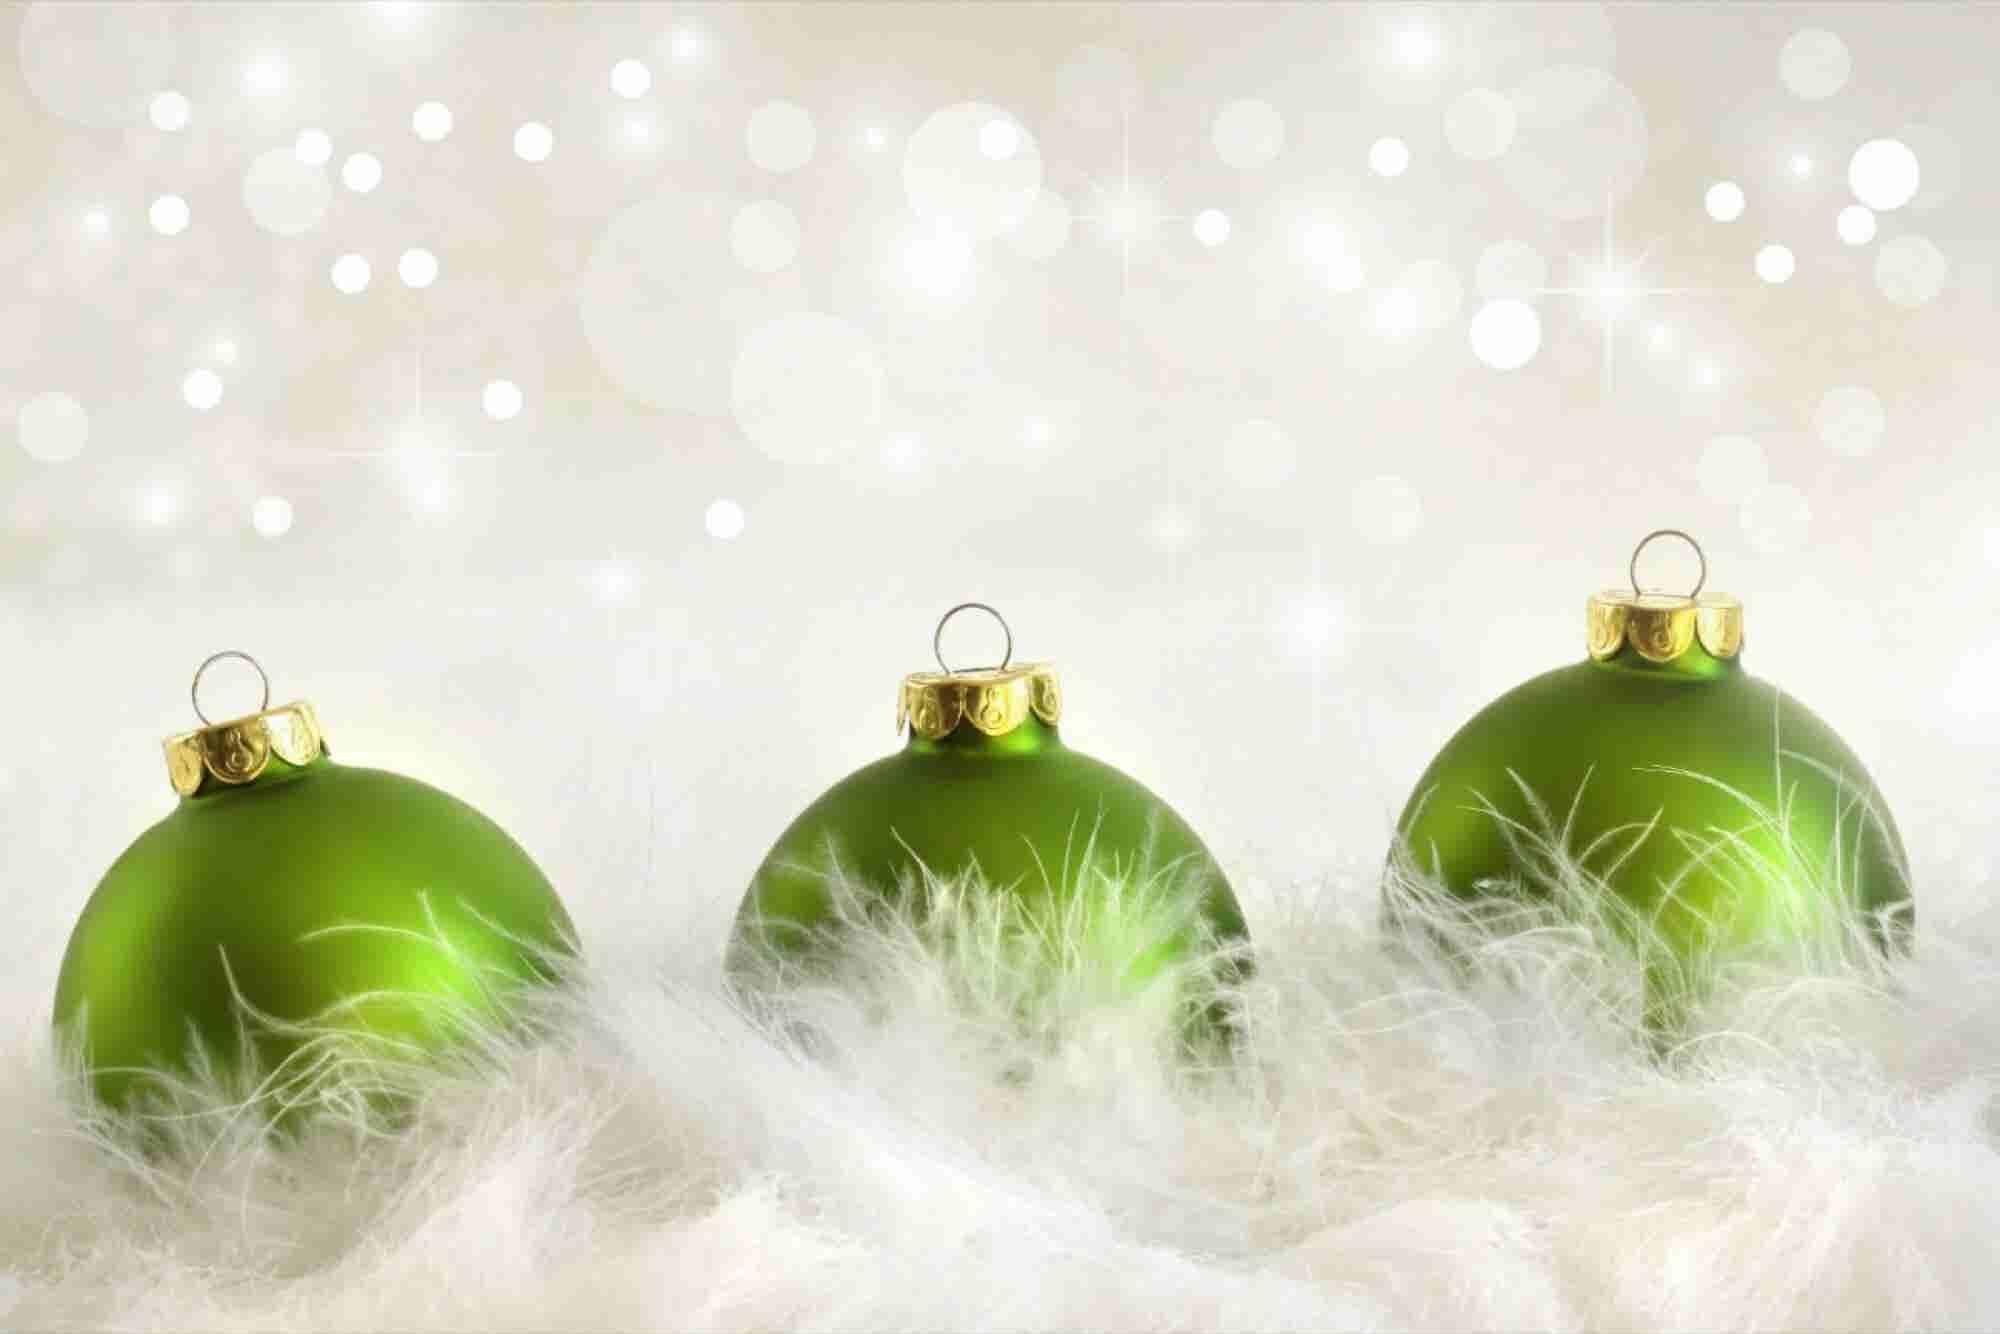 Galería: 5 consejos para festejar la navidad siendo amigable con el planeta